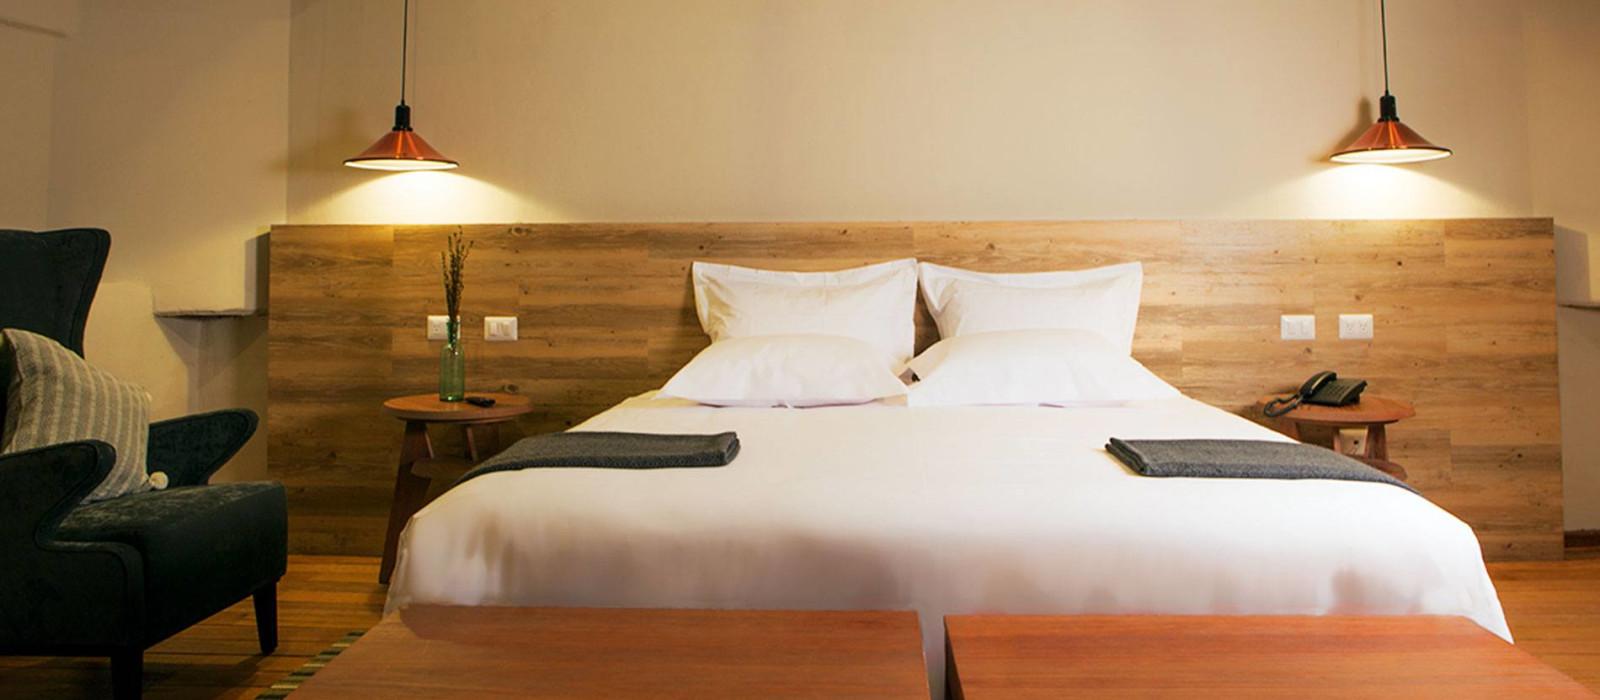 Hotel Abittare Cusco Peru